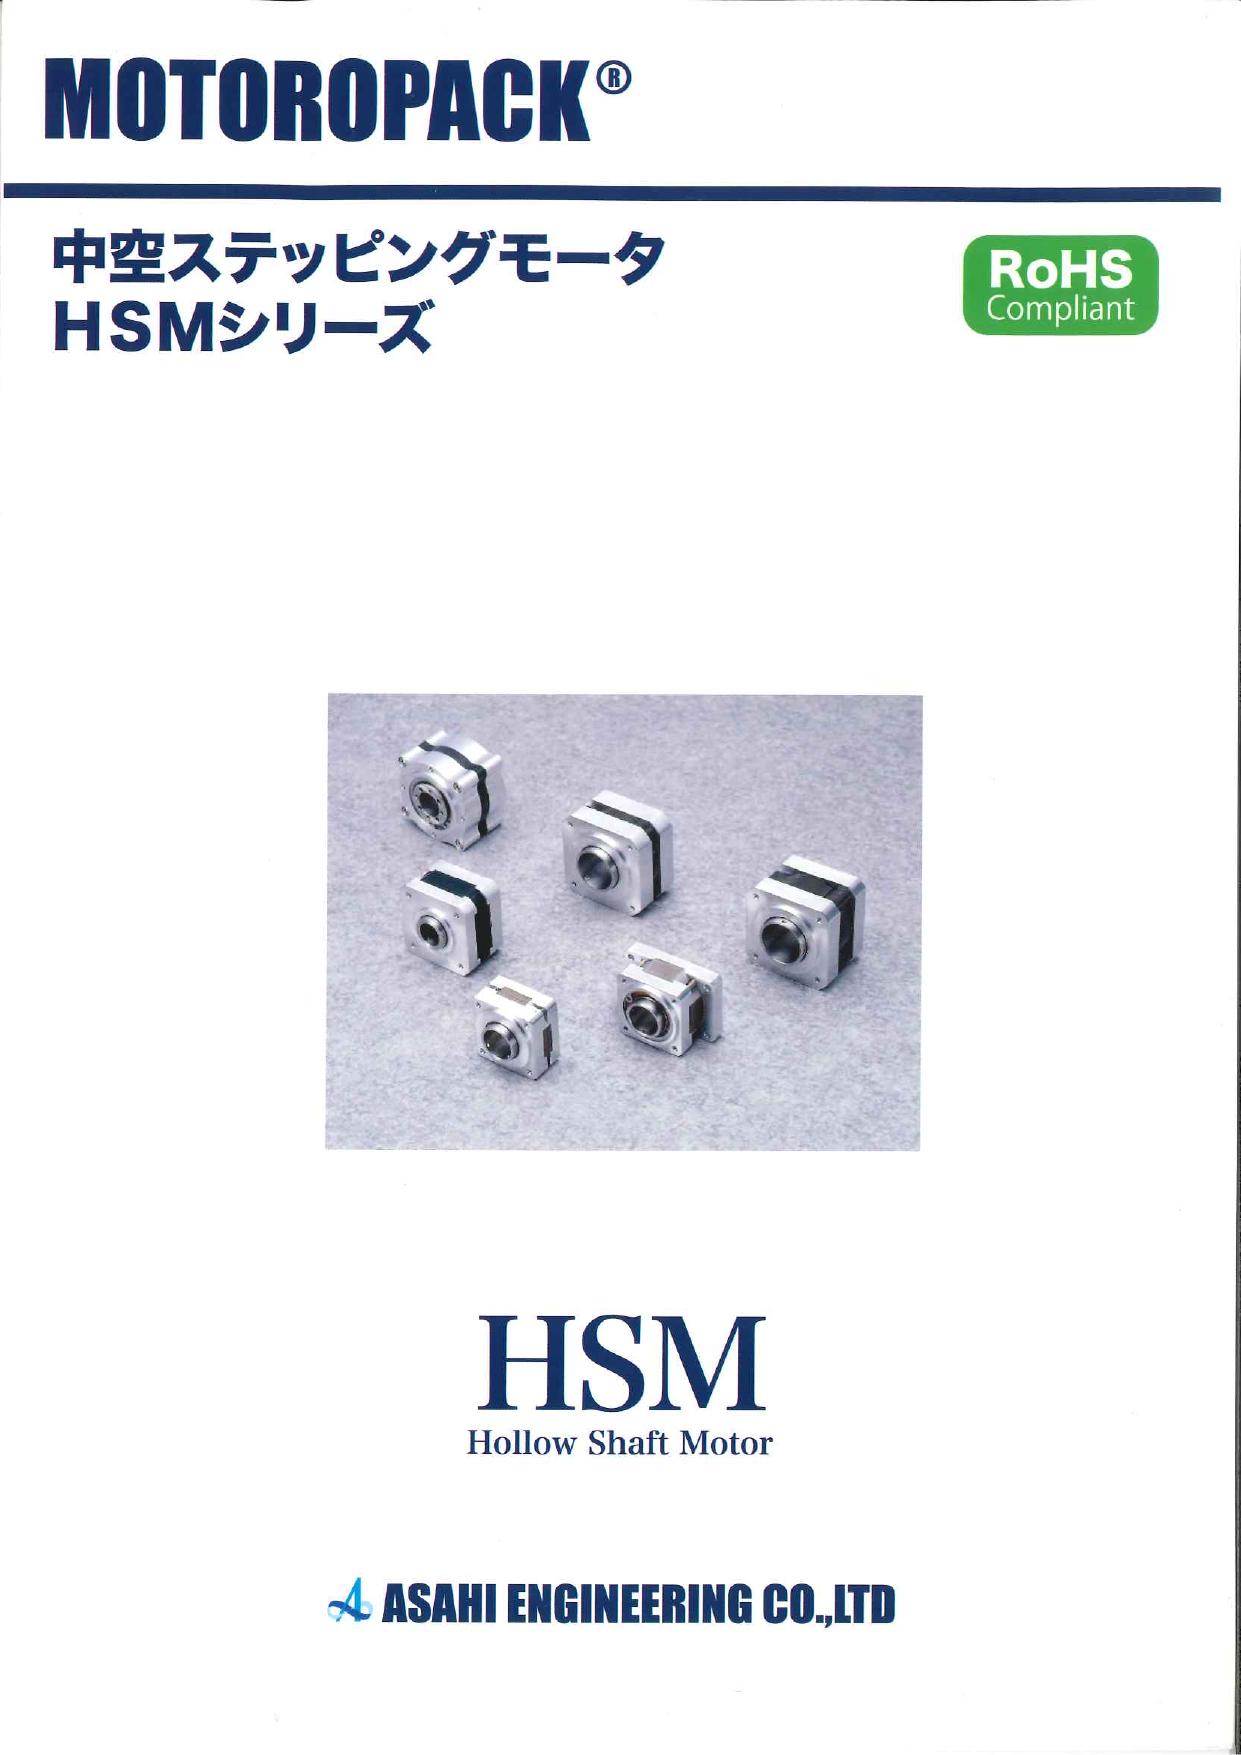 中空ステッピングモータ HSMシリーズ